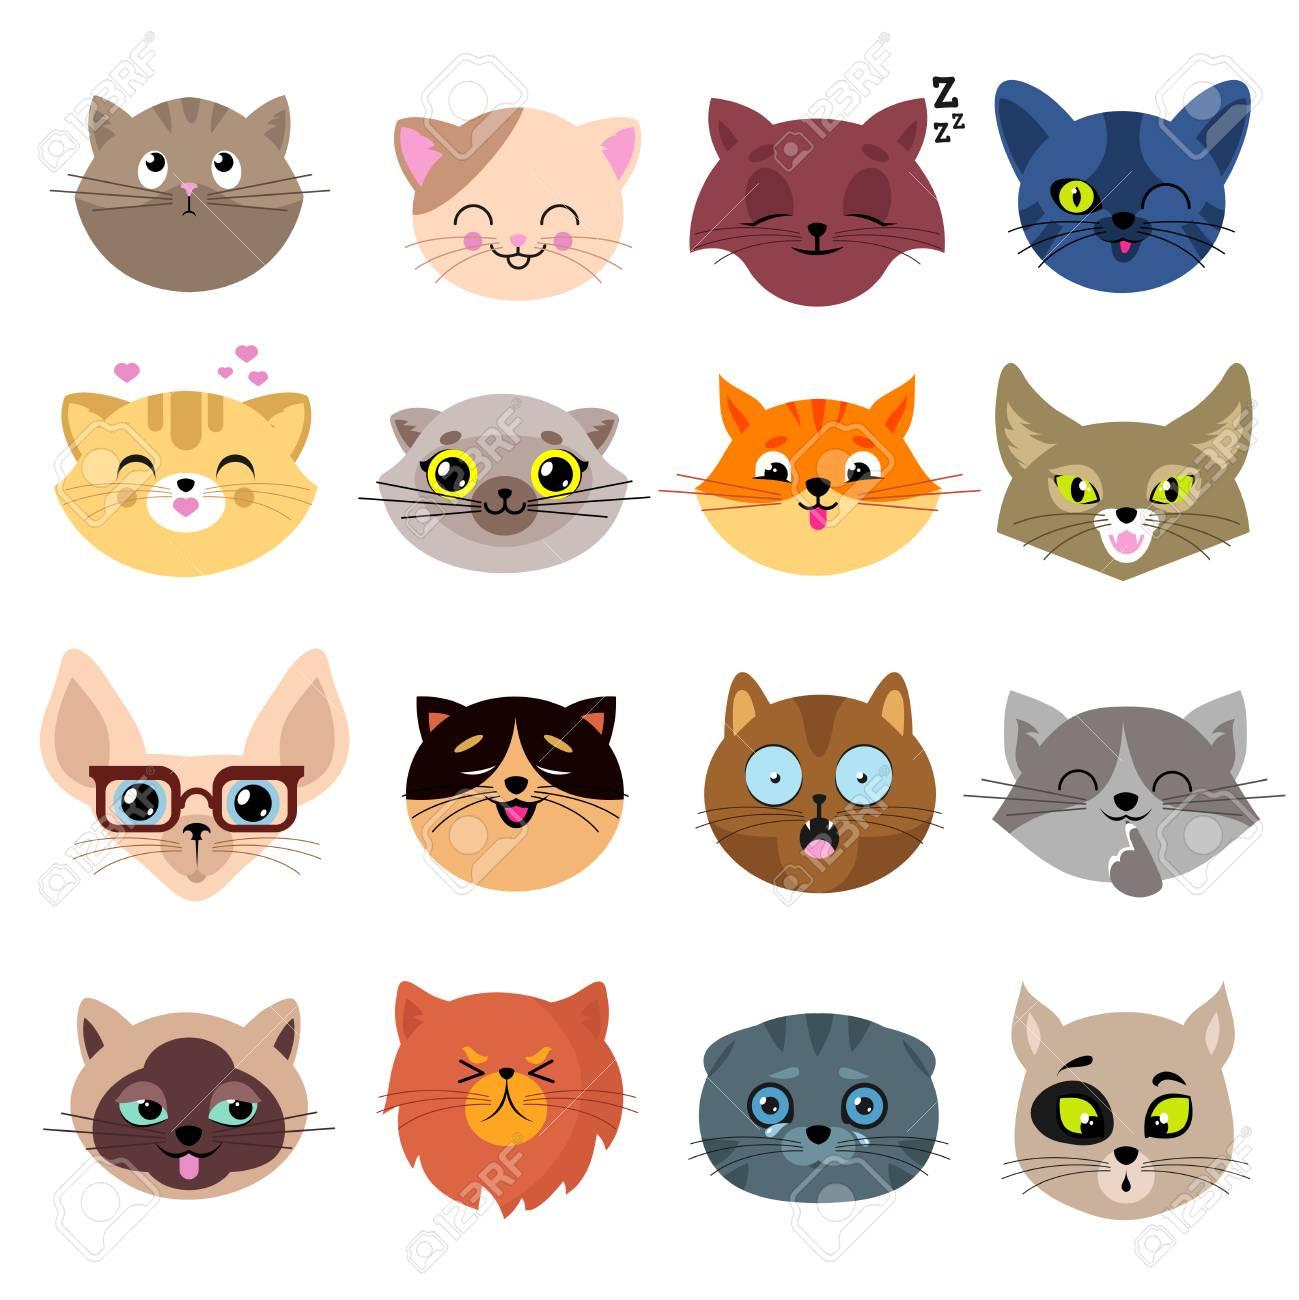 楽しい漫画猫顔 かわいい子猫の肖像画はベクター セットです 漫画猫